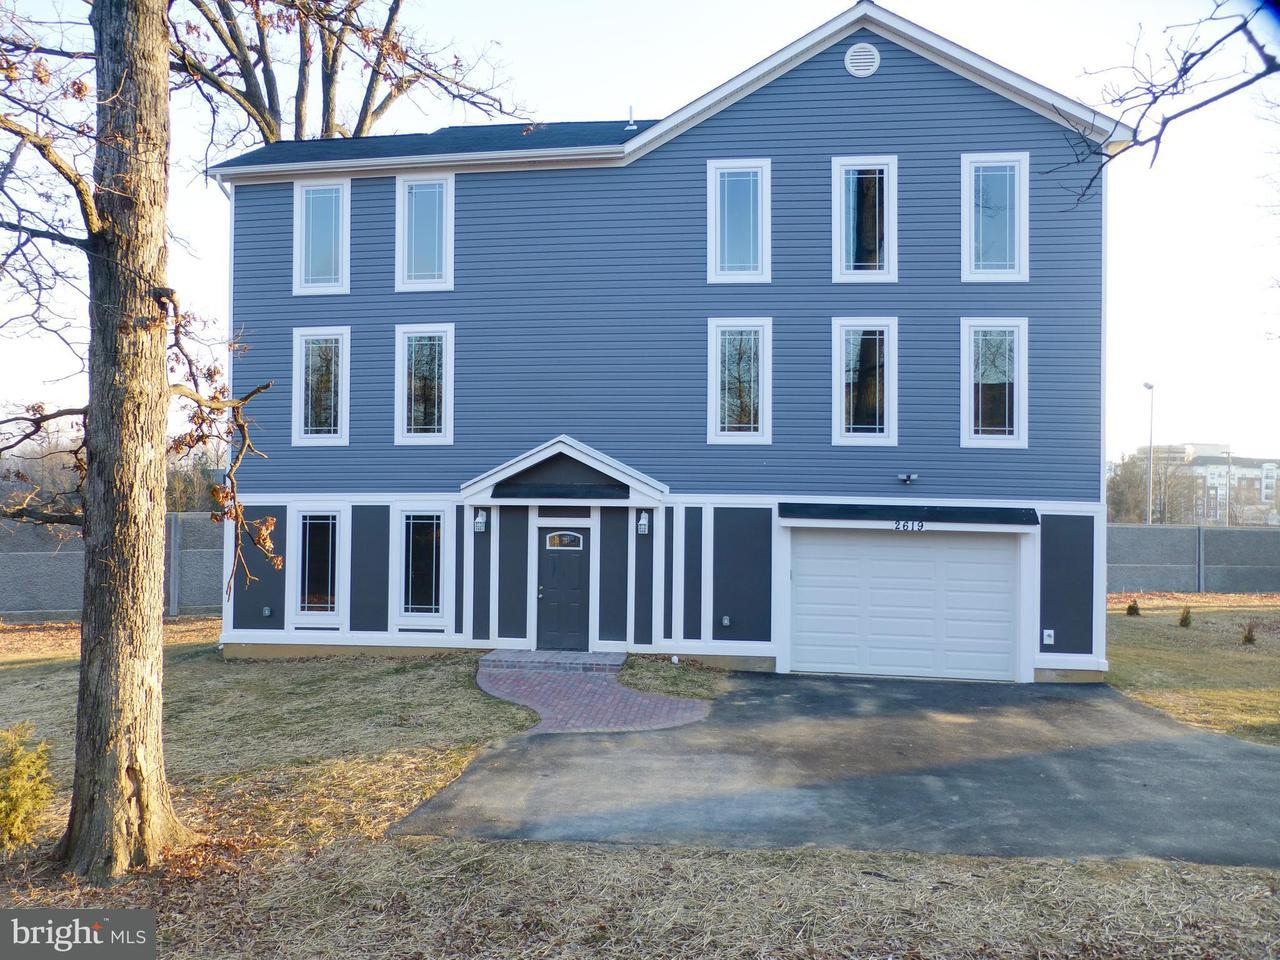 Maison unifamiliale pour l Vente à 2619 Stenhouse Place 2619 Stenhouse Place Dunn Loring, Virginia 22027 États-Unis